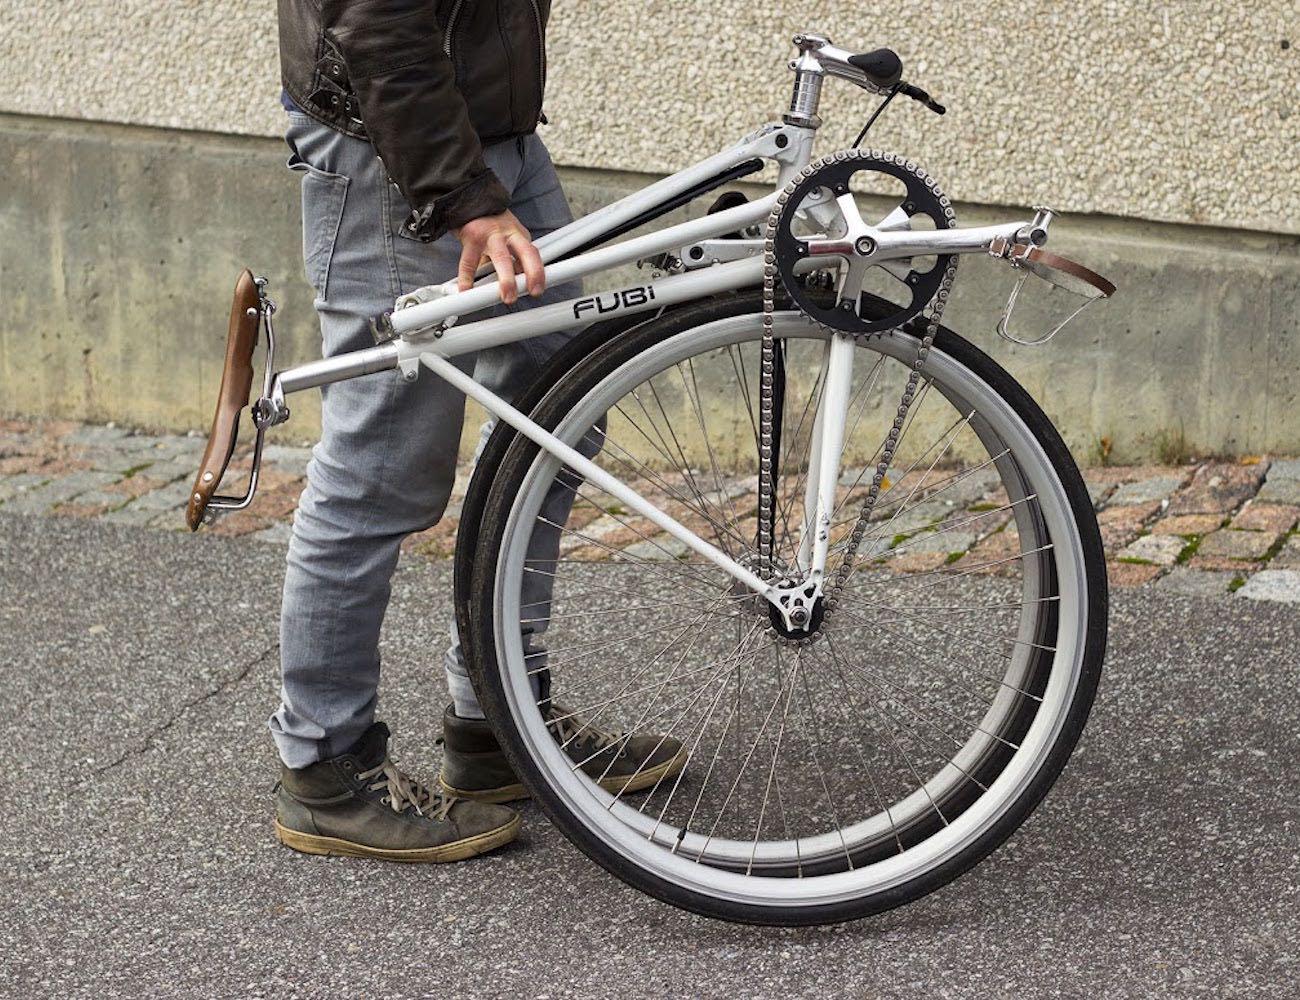 FUBi Fixie - Transform Your Bike Into A Folding Bike ...